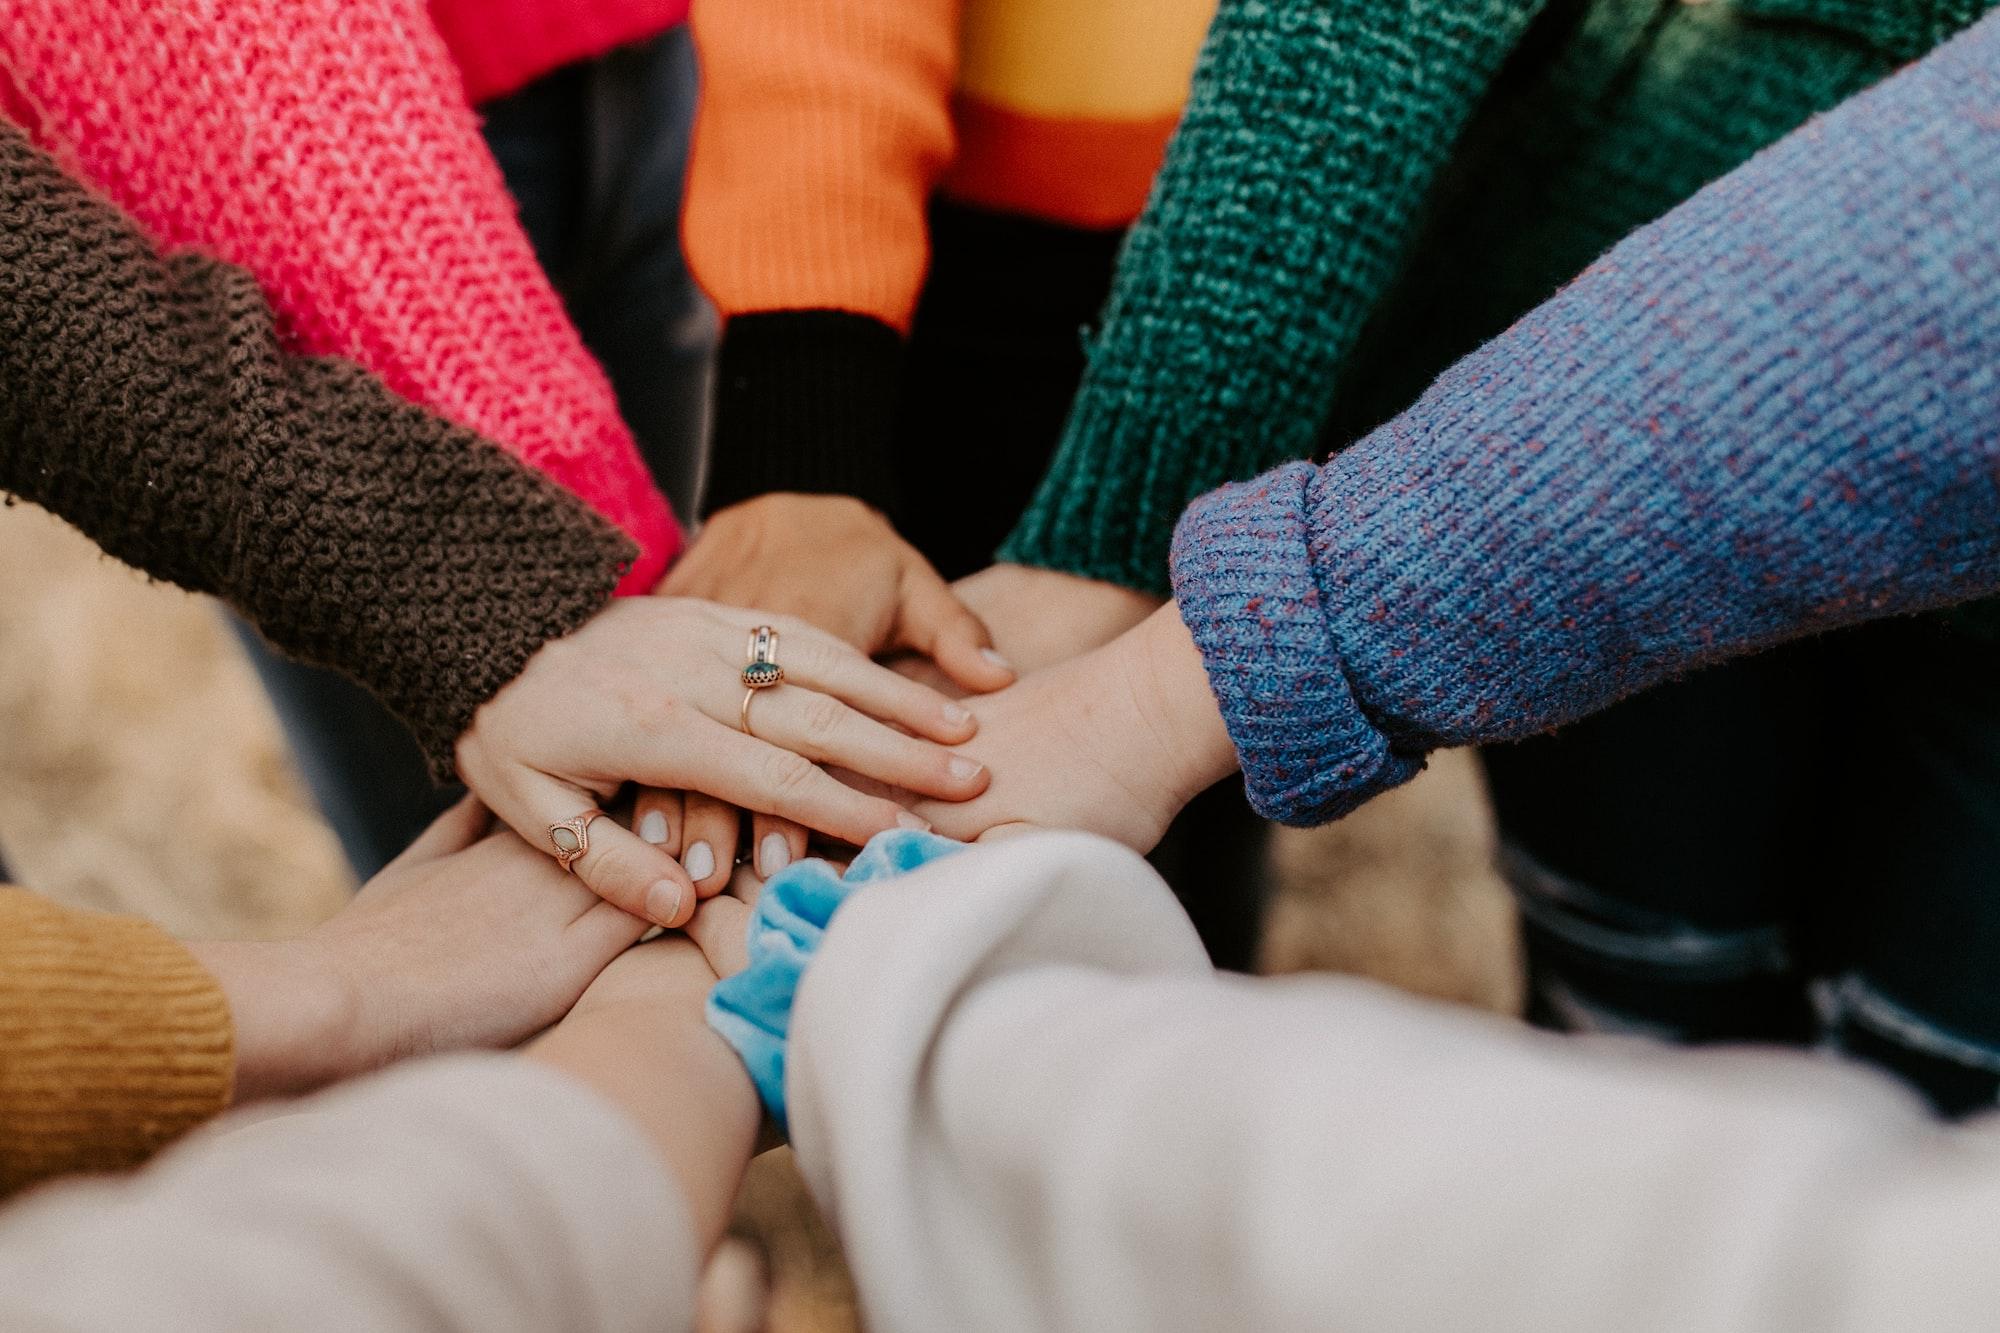 협력의 문화를 구축하기